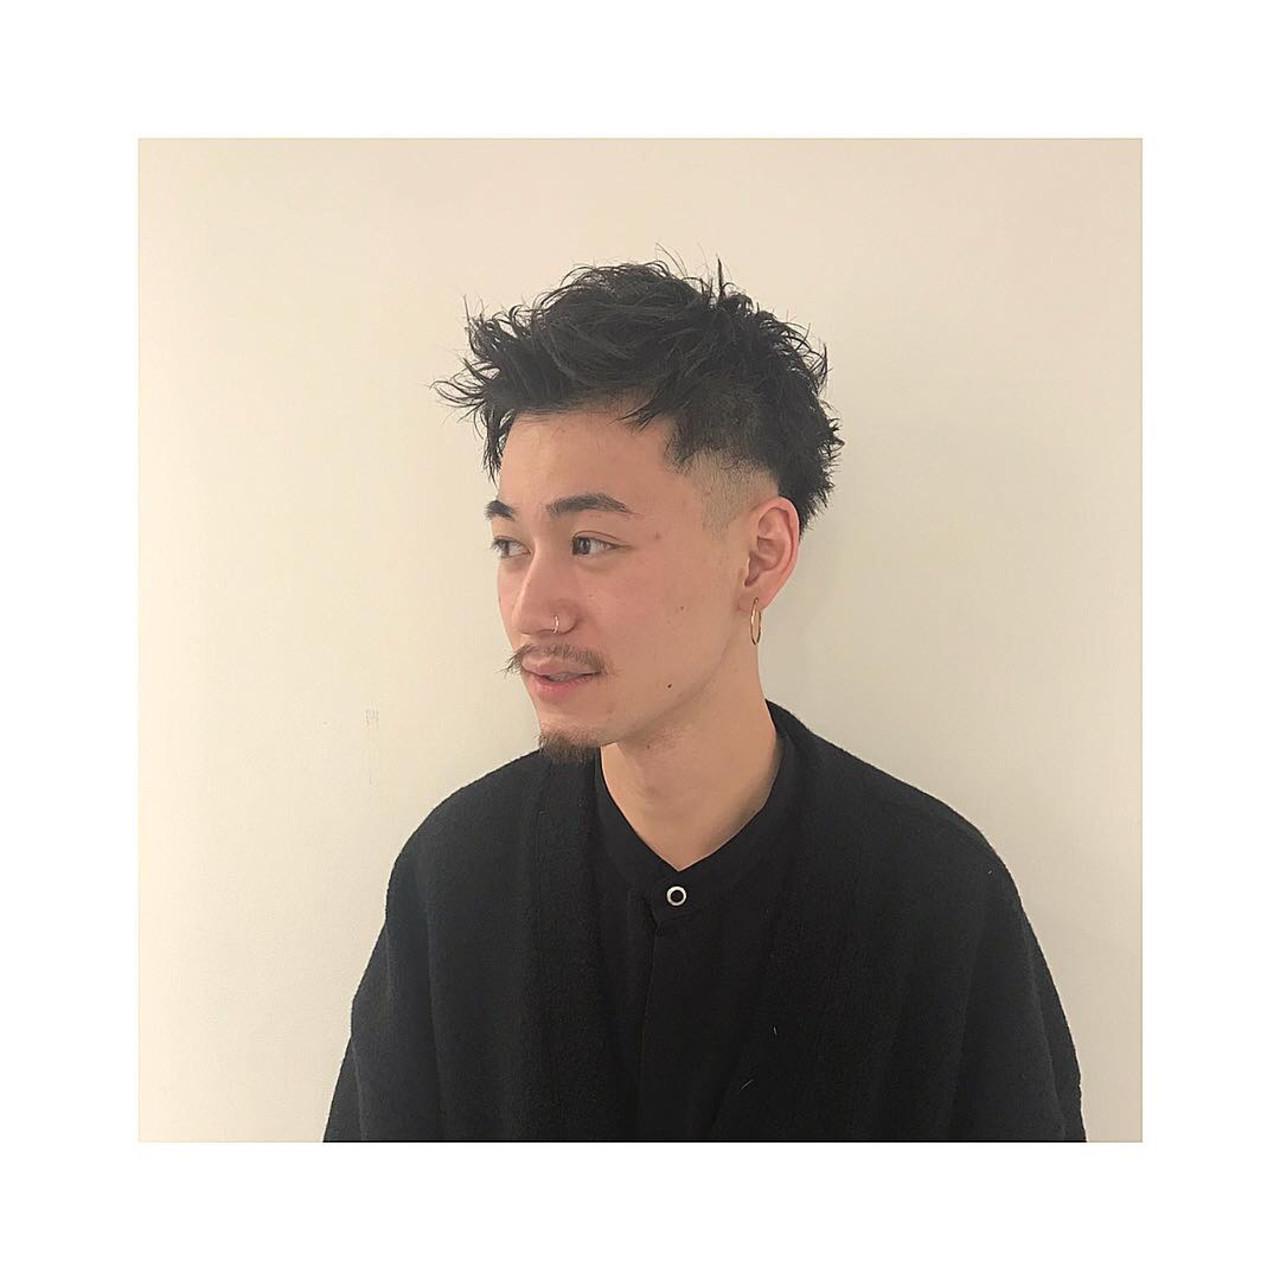 くせ毛 スキンフェード ショート メンズカット ヘアスタイルや髪型の写真・画像